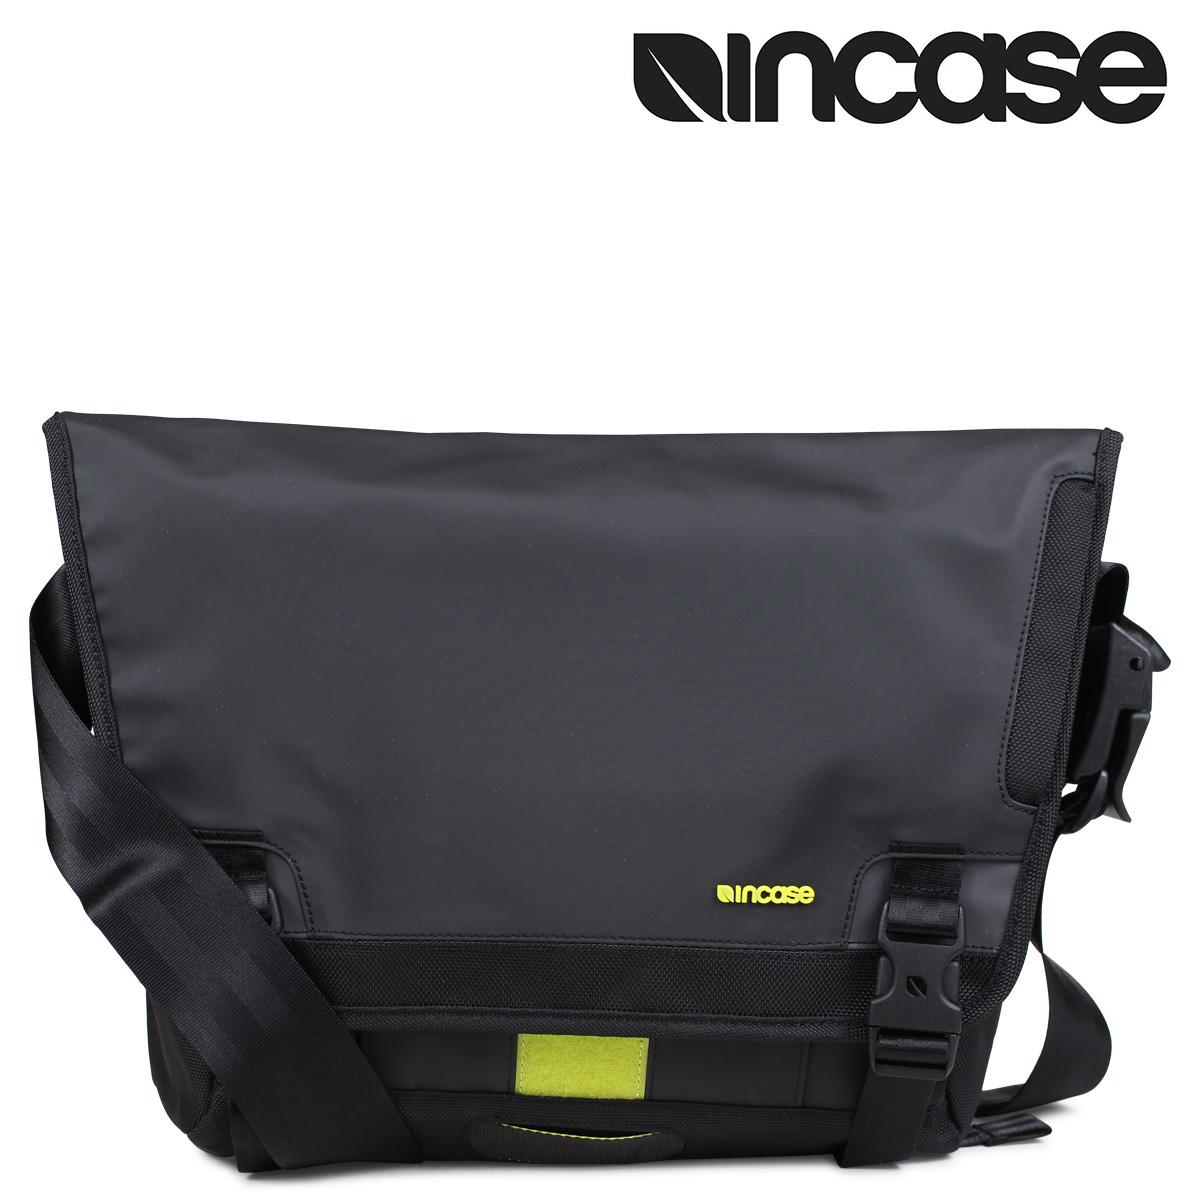 【最大2000円OFFクーポン】 INCASE インケース メッセンジャーバッグ CL55538 ブラック RANGE MESSENGER -NEW CMF メンズ